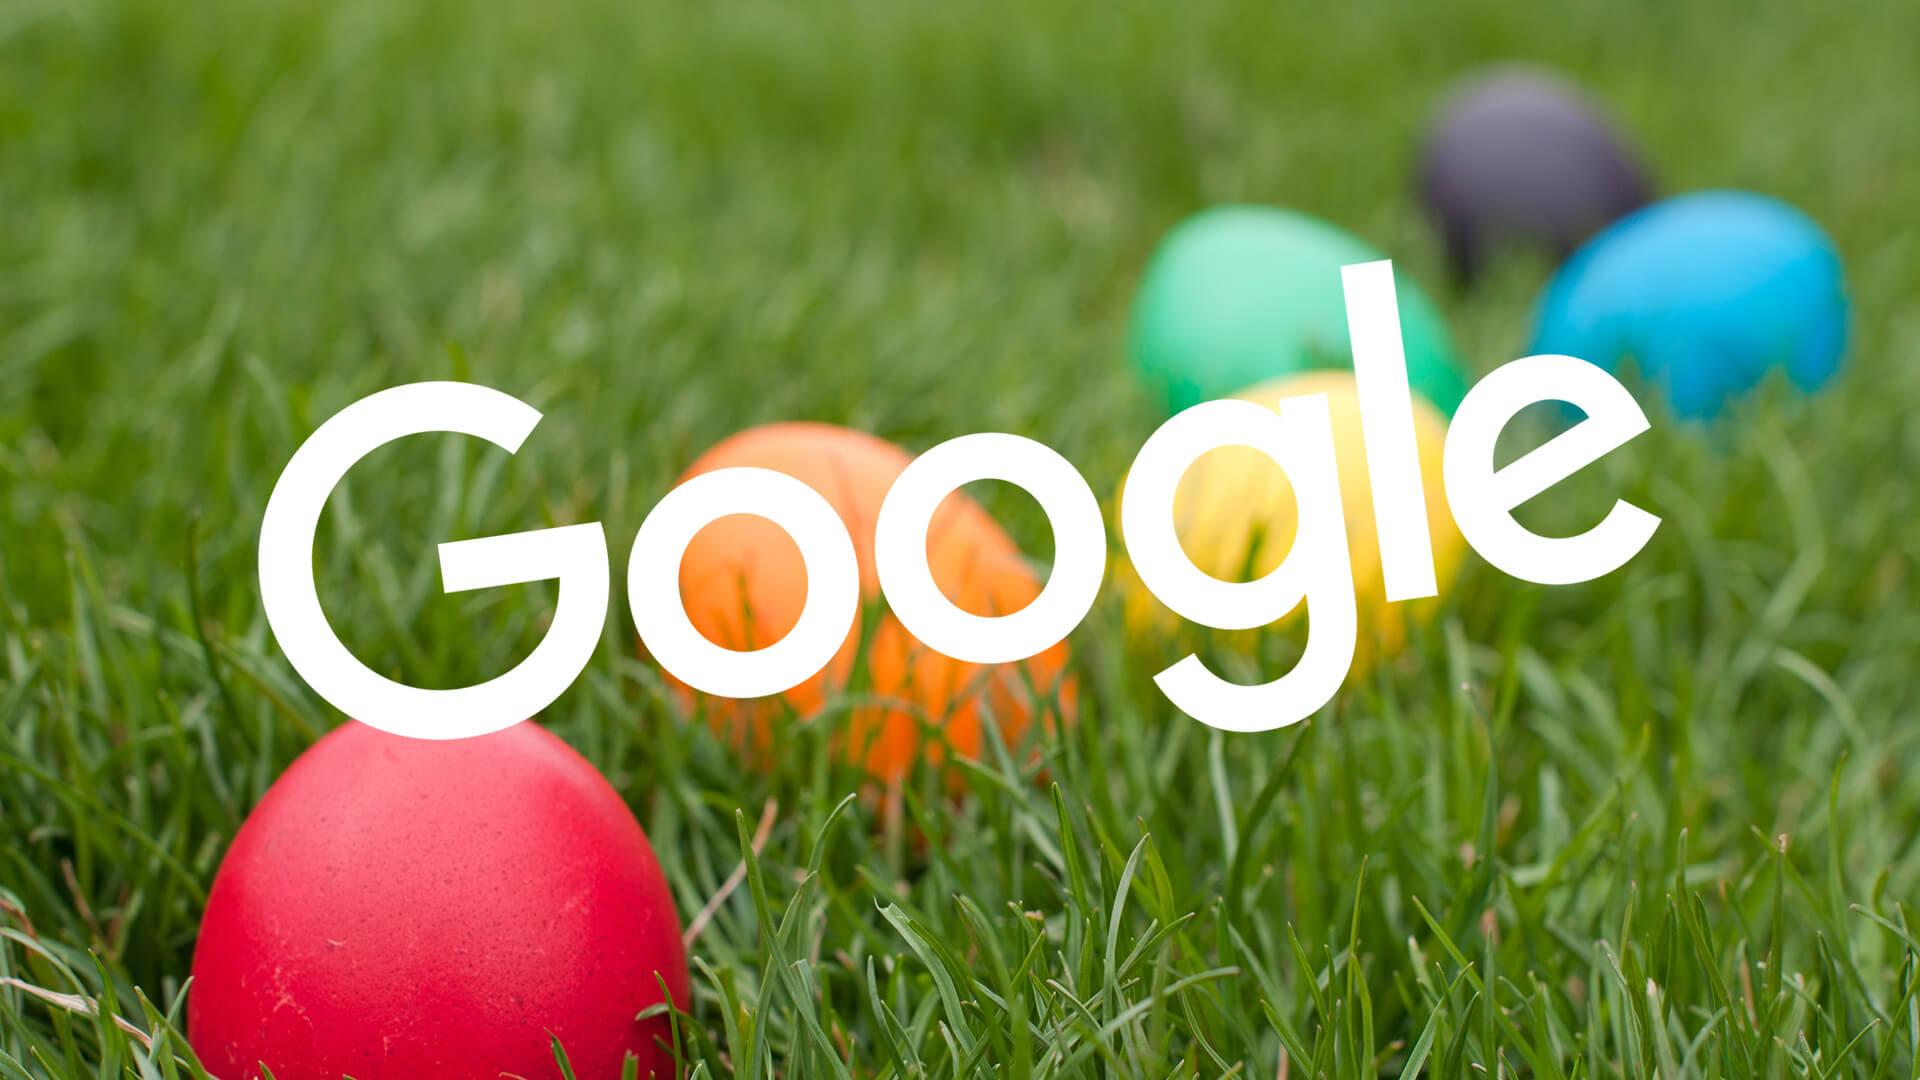 Os 10 melhores easter eggs do google. Os easter eggs do google escondem surpresas divertidas nos resultados de pesquisa que vão desde curiosidades até games